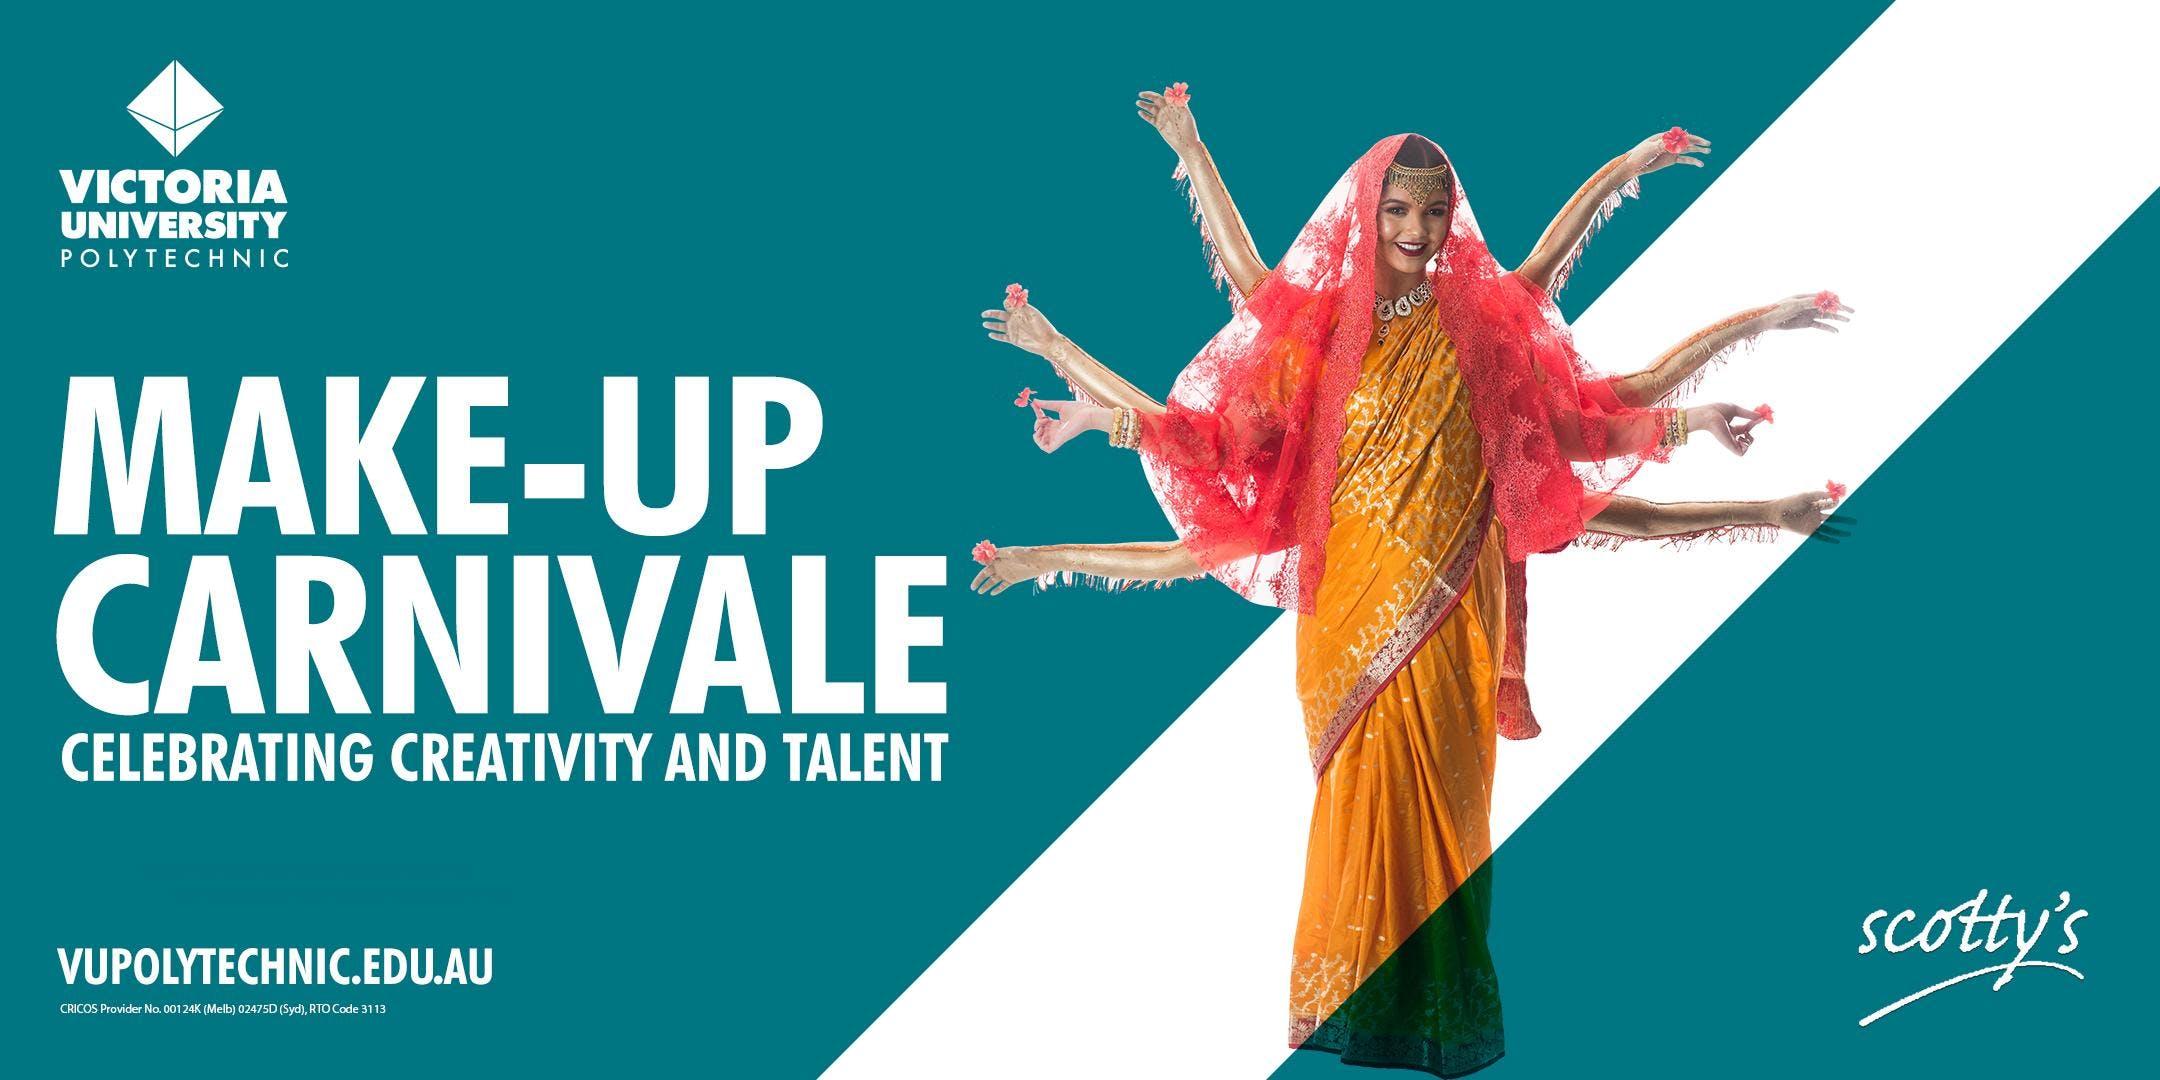 Victoria University Polytechnic Makeup Carnivale